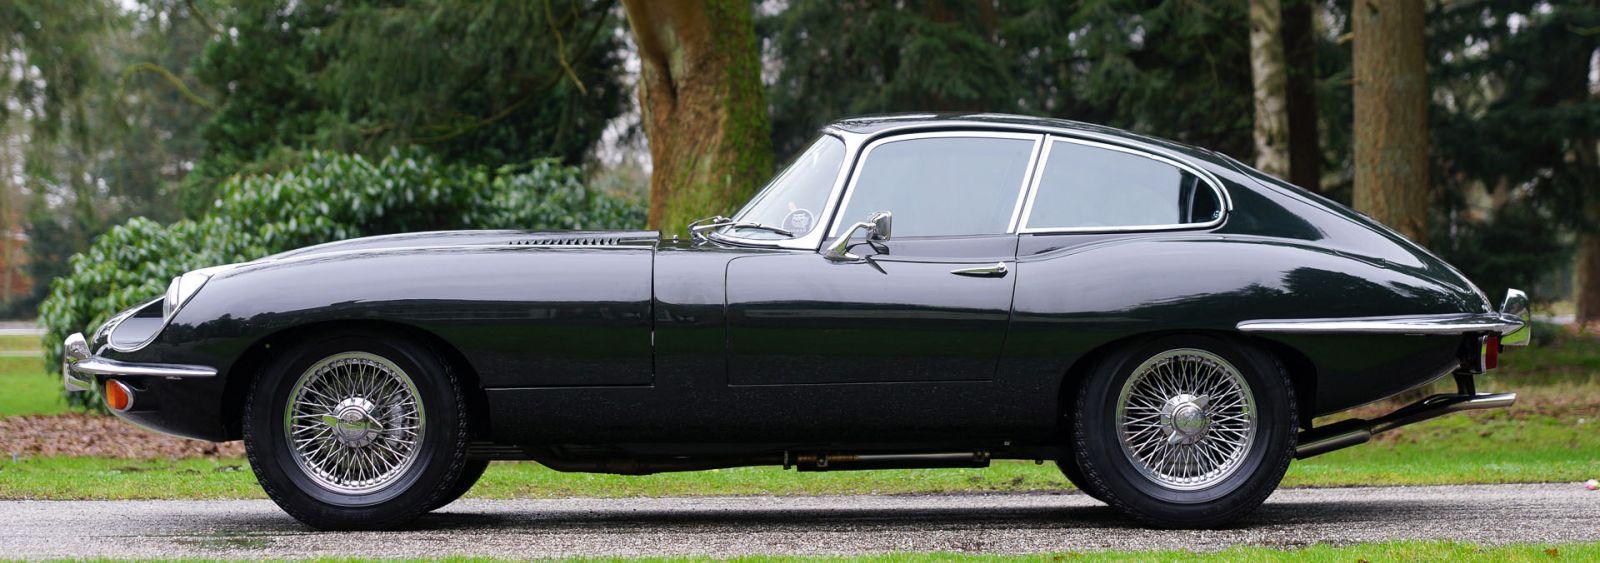 Nice Jaguar E Type 4.2 Litre FHC S2, 1969